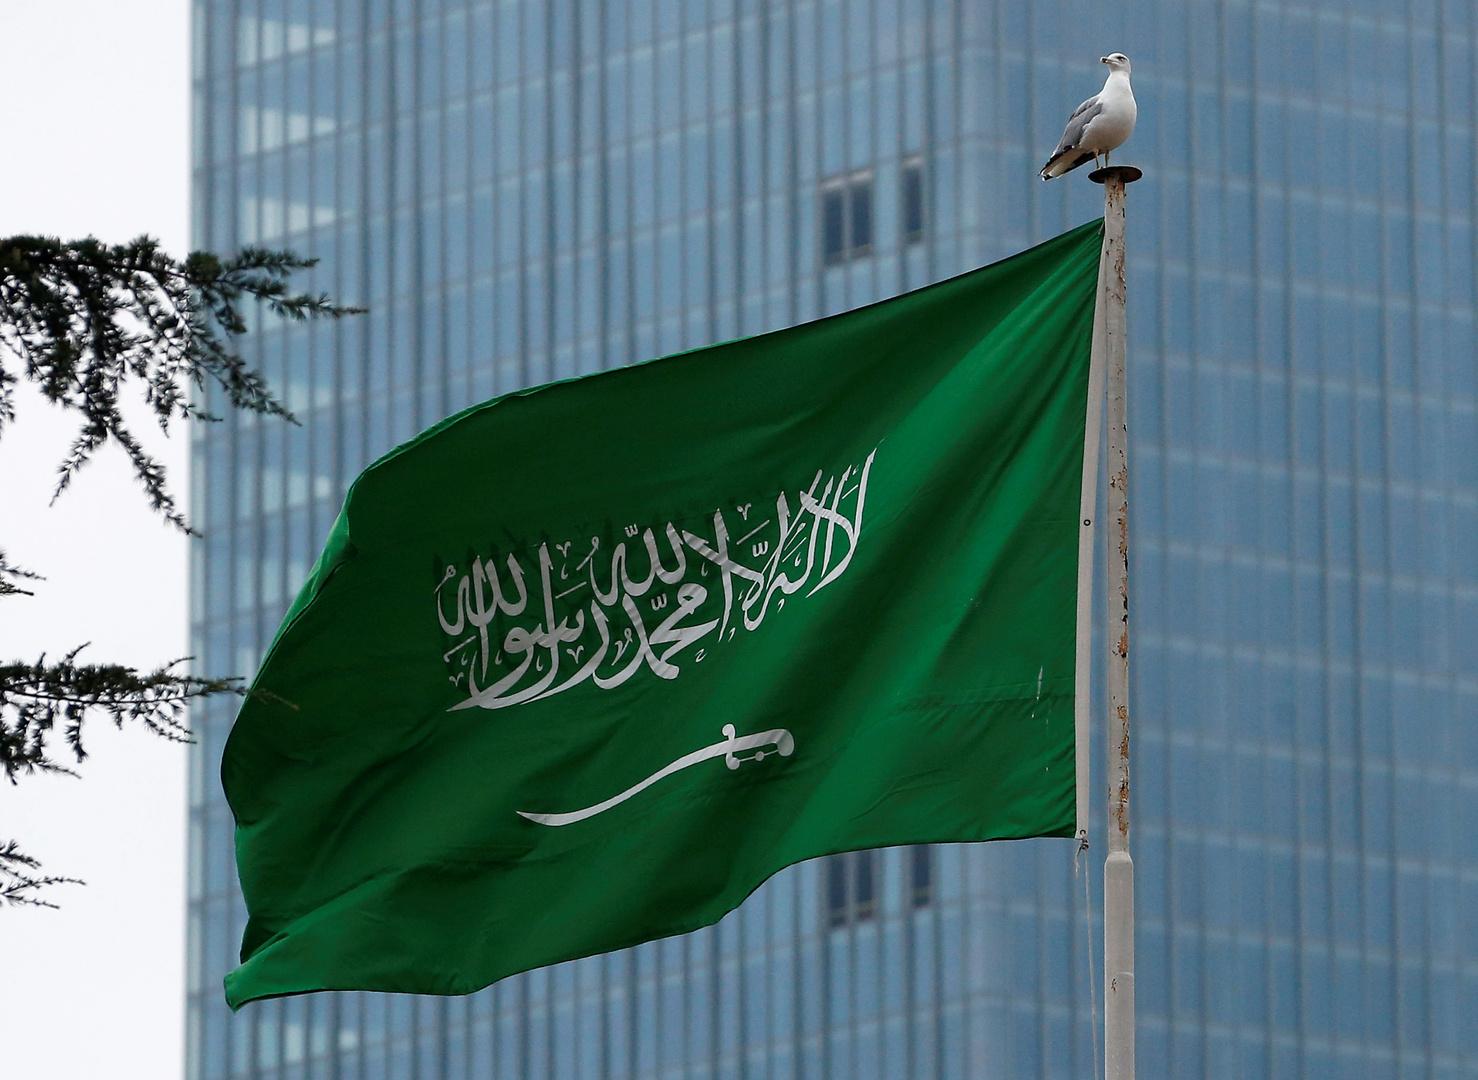 السعودية.. أمير الباحة يوجه بفتح تحقيق في حادث إصابة طفل كفيف بحروق